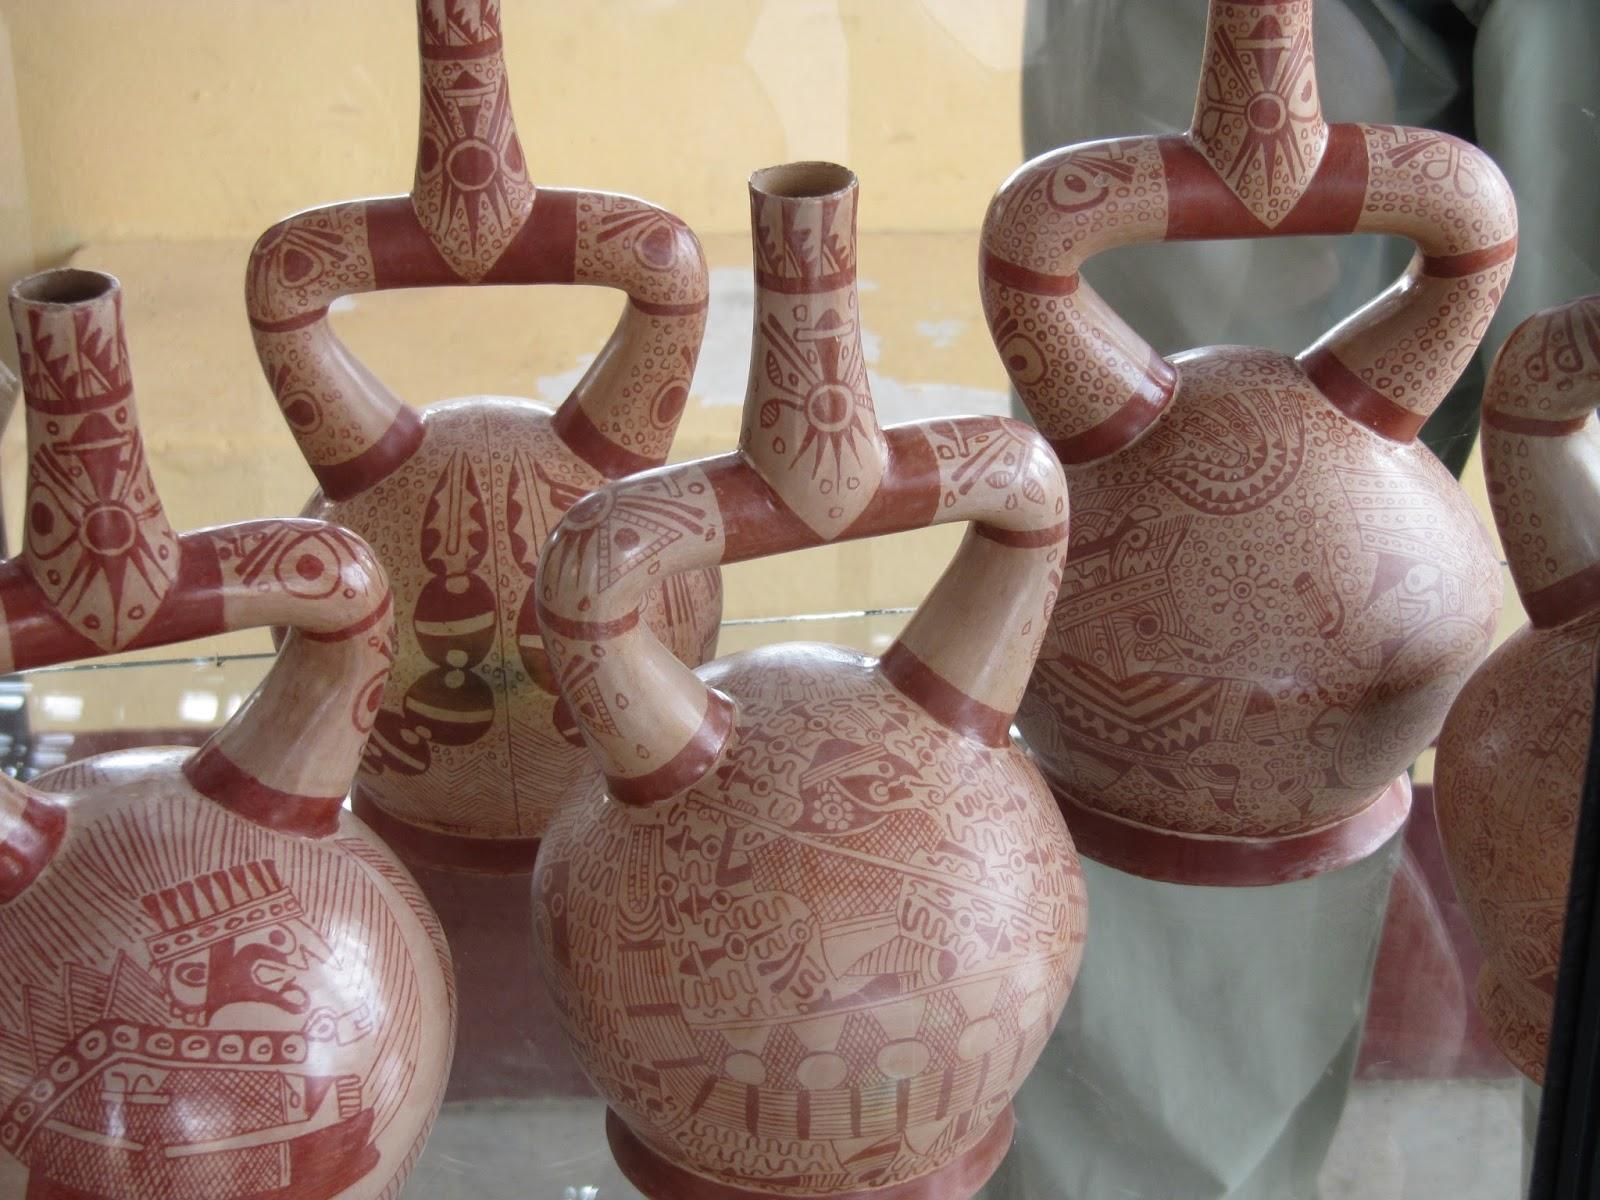 The ceramics of the moche